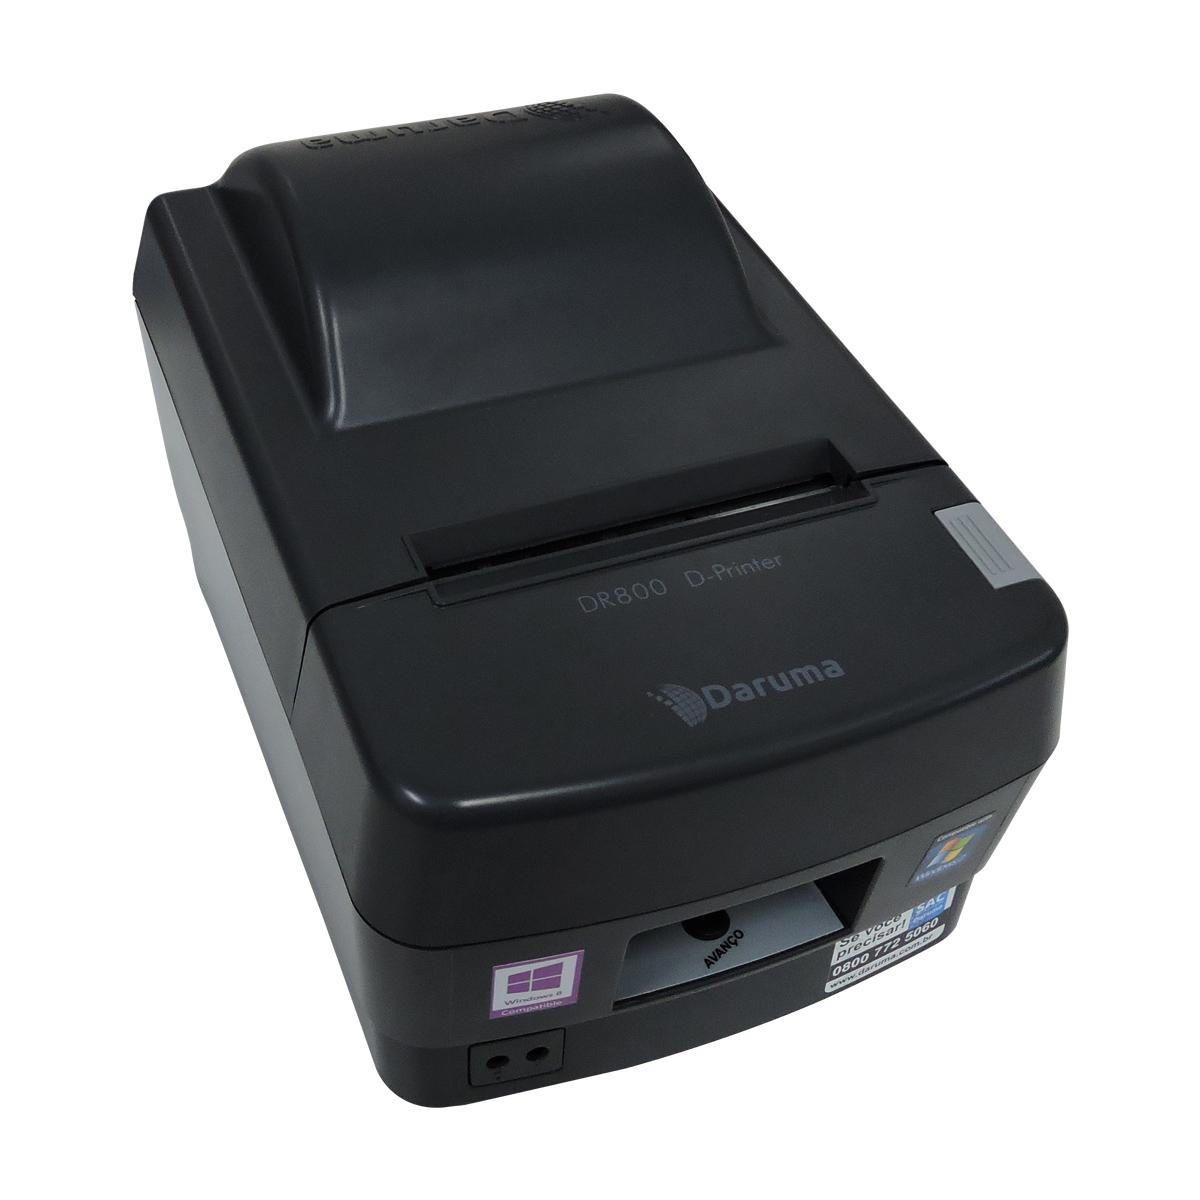 Impressora Daruma Não Fiscal Dr-800 Guilhotina Usb/serial